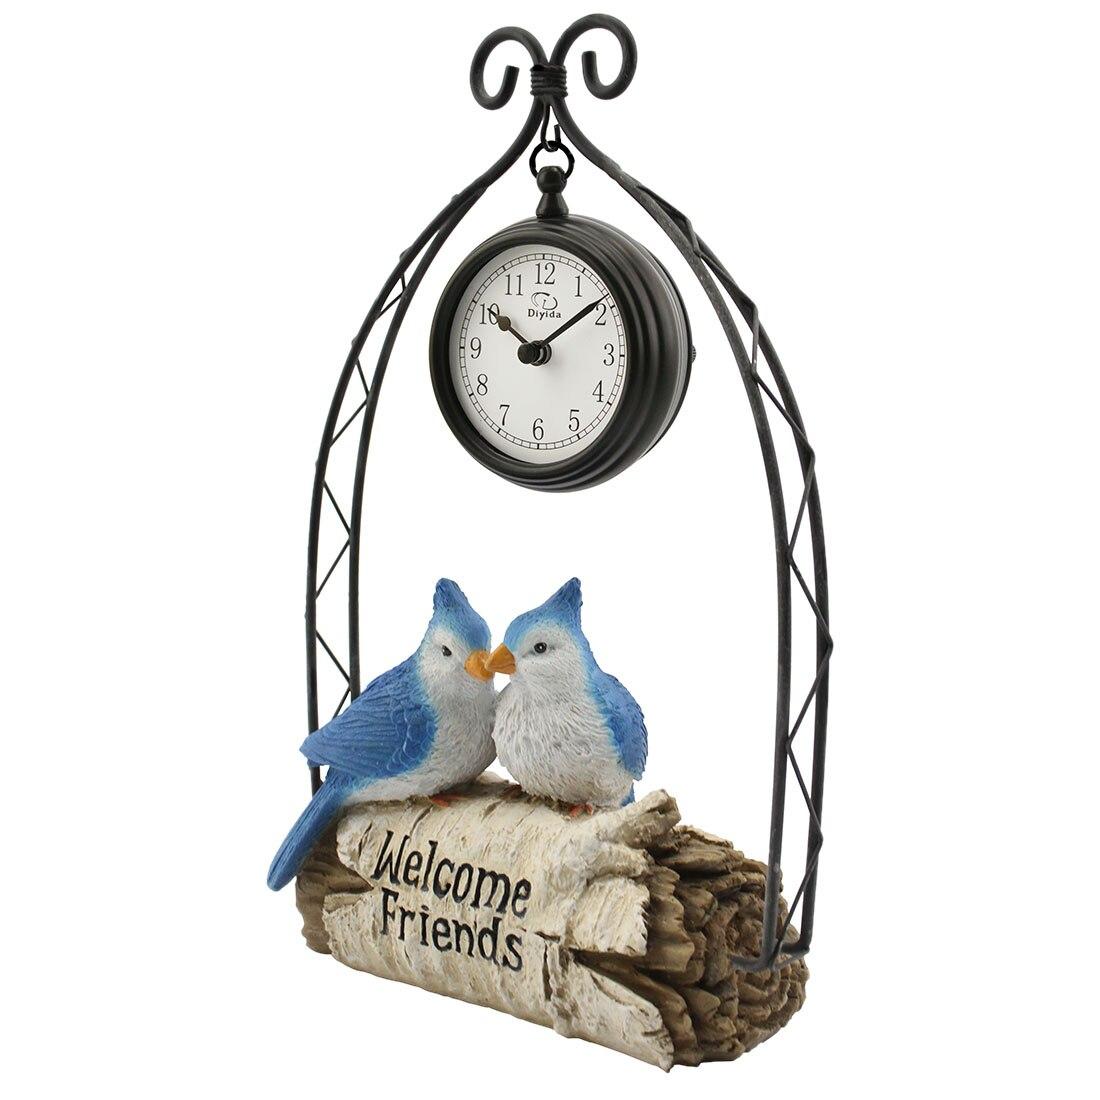 Creative bleu perroquet fer Table horloge horloge décorative perroquet bureau horloge maison bureau salon décor décorations offre spéciale